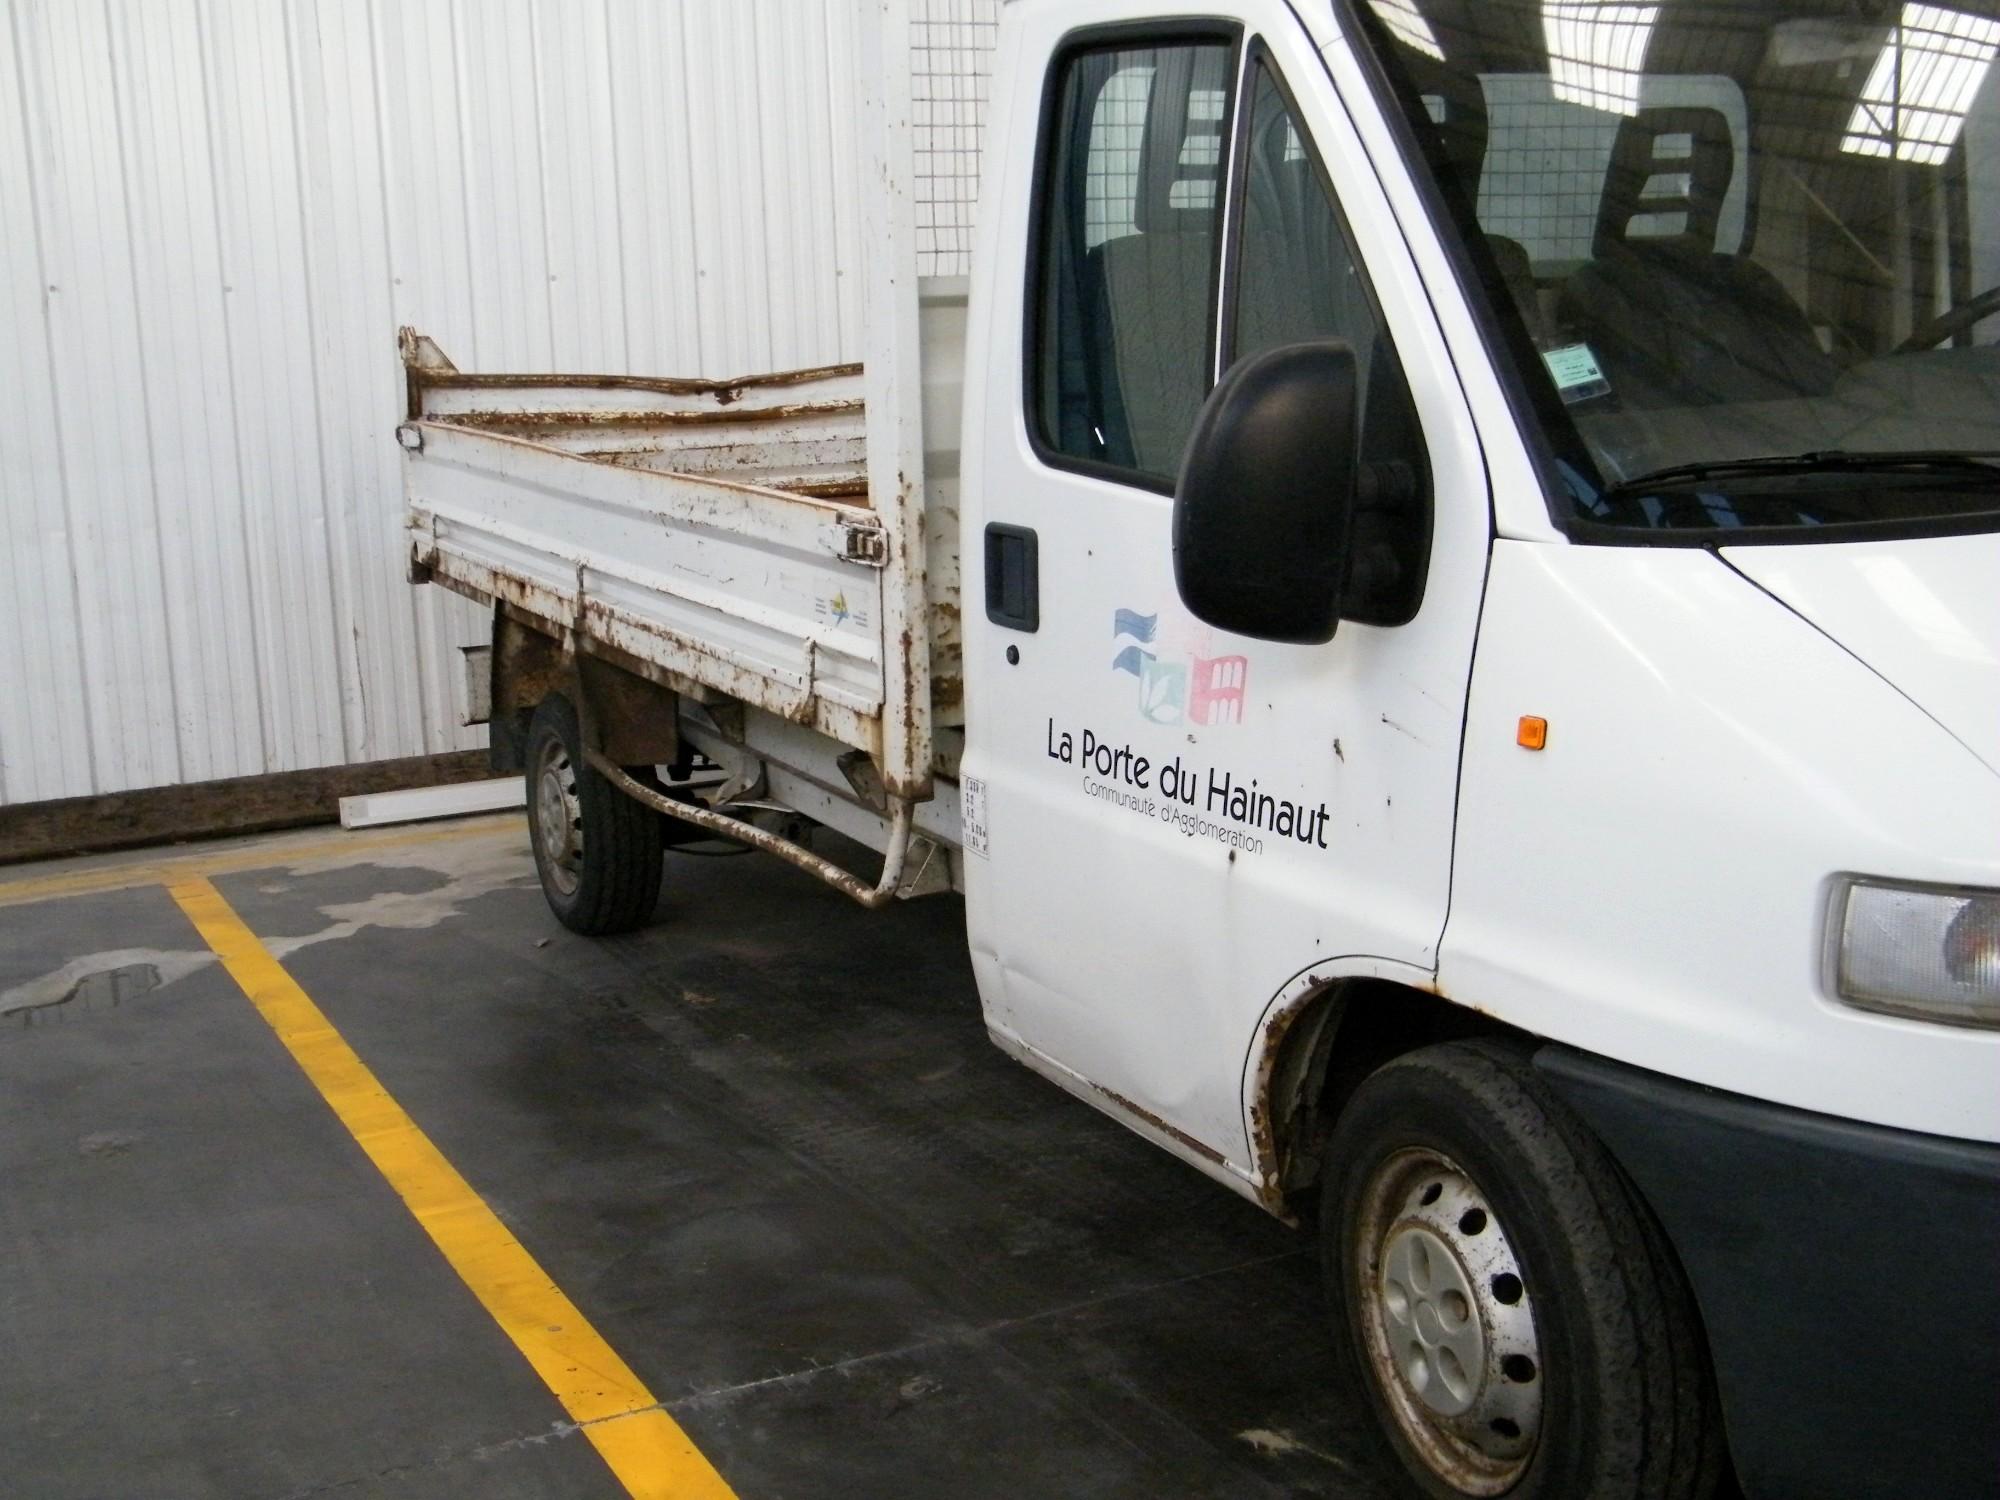 camionnette peugeot boxer benne utilitaire d 39 occasion aux ench res agorastore. Black Bedroom Furniture Sets. Home Design Ideas